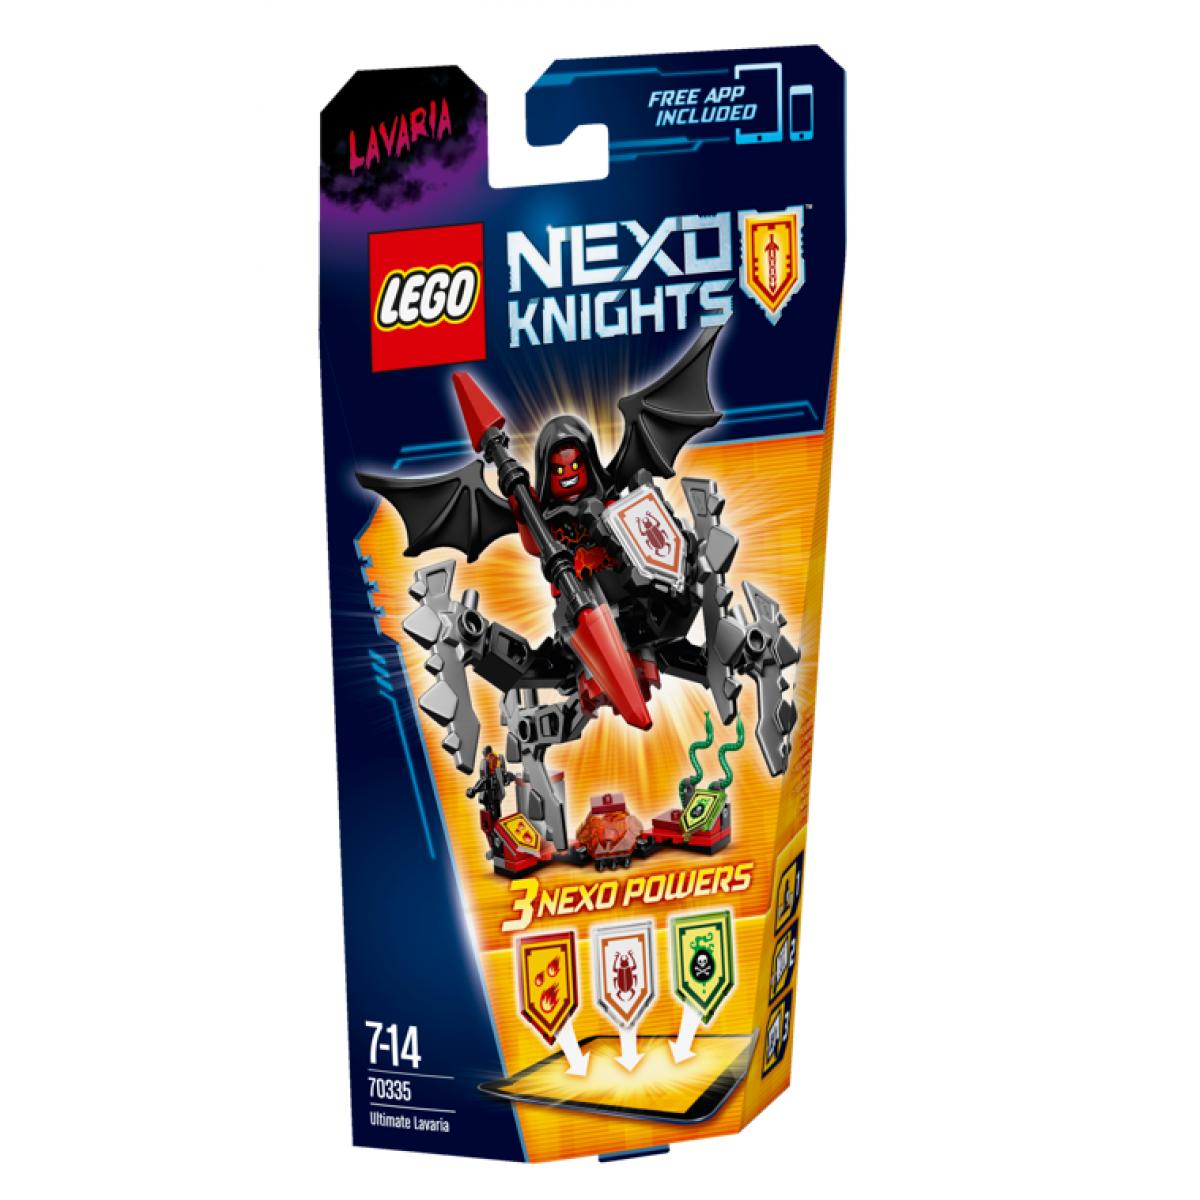 LEGO Nexo Knights 70335 Úžasná Lavaria